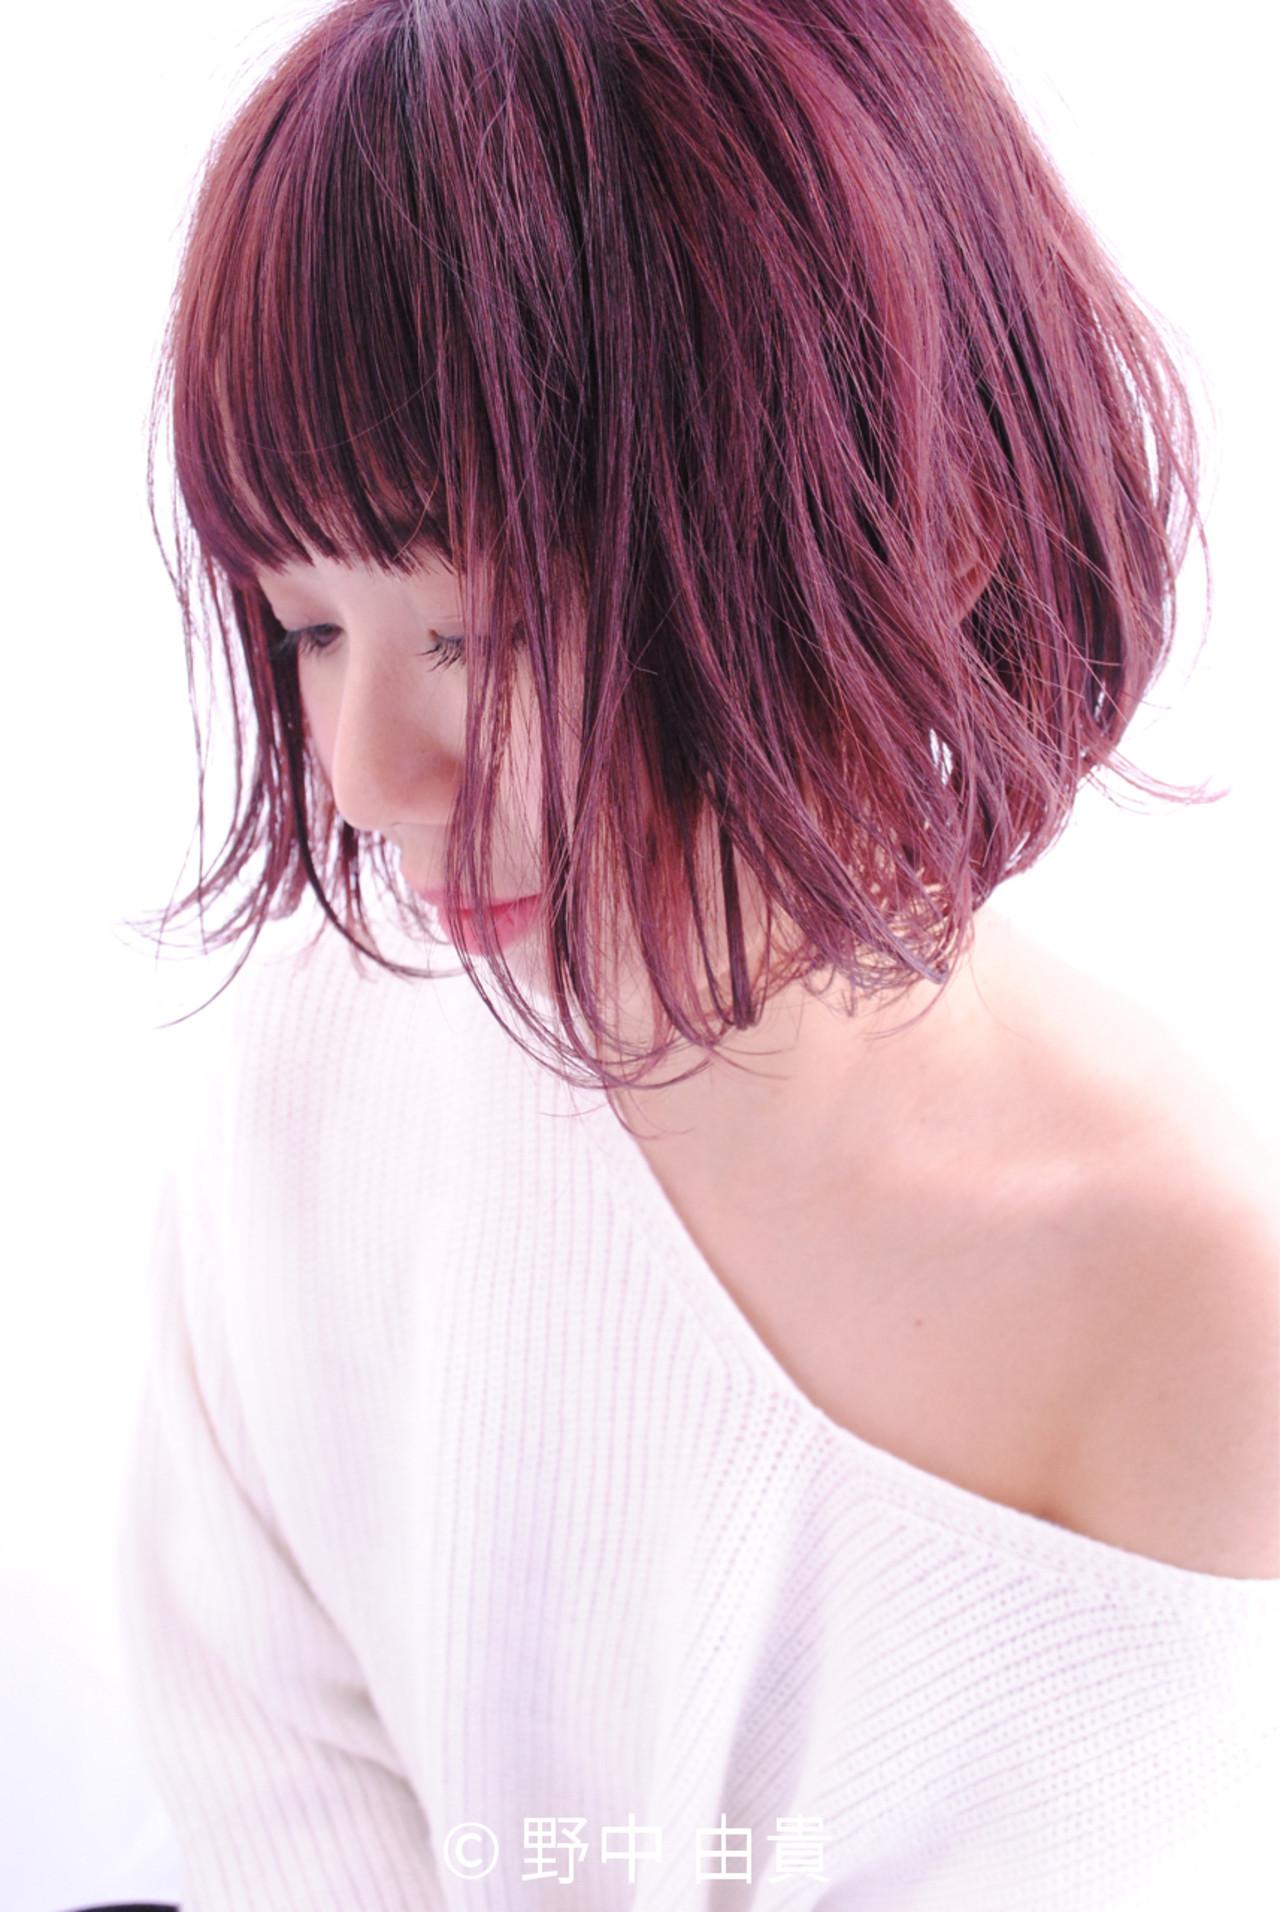 ガーリー こなれ感 レッド 大人女子 ヘアスタイルや髪型の写真・画像 | 野中 由貴 / owlhair